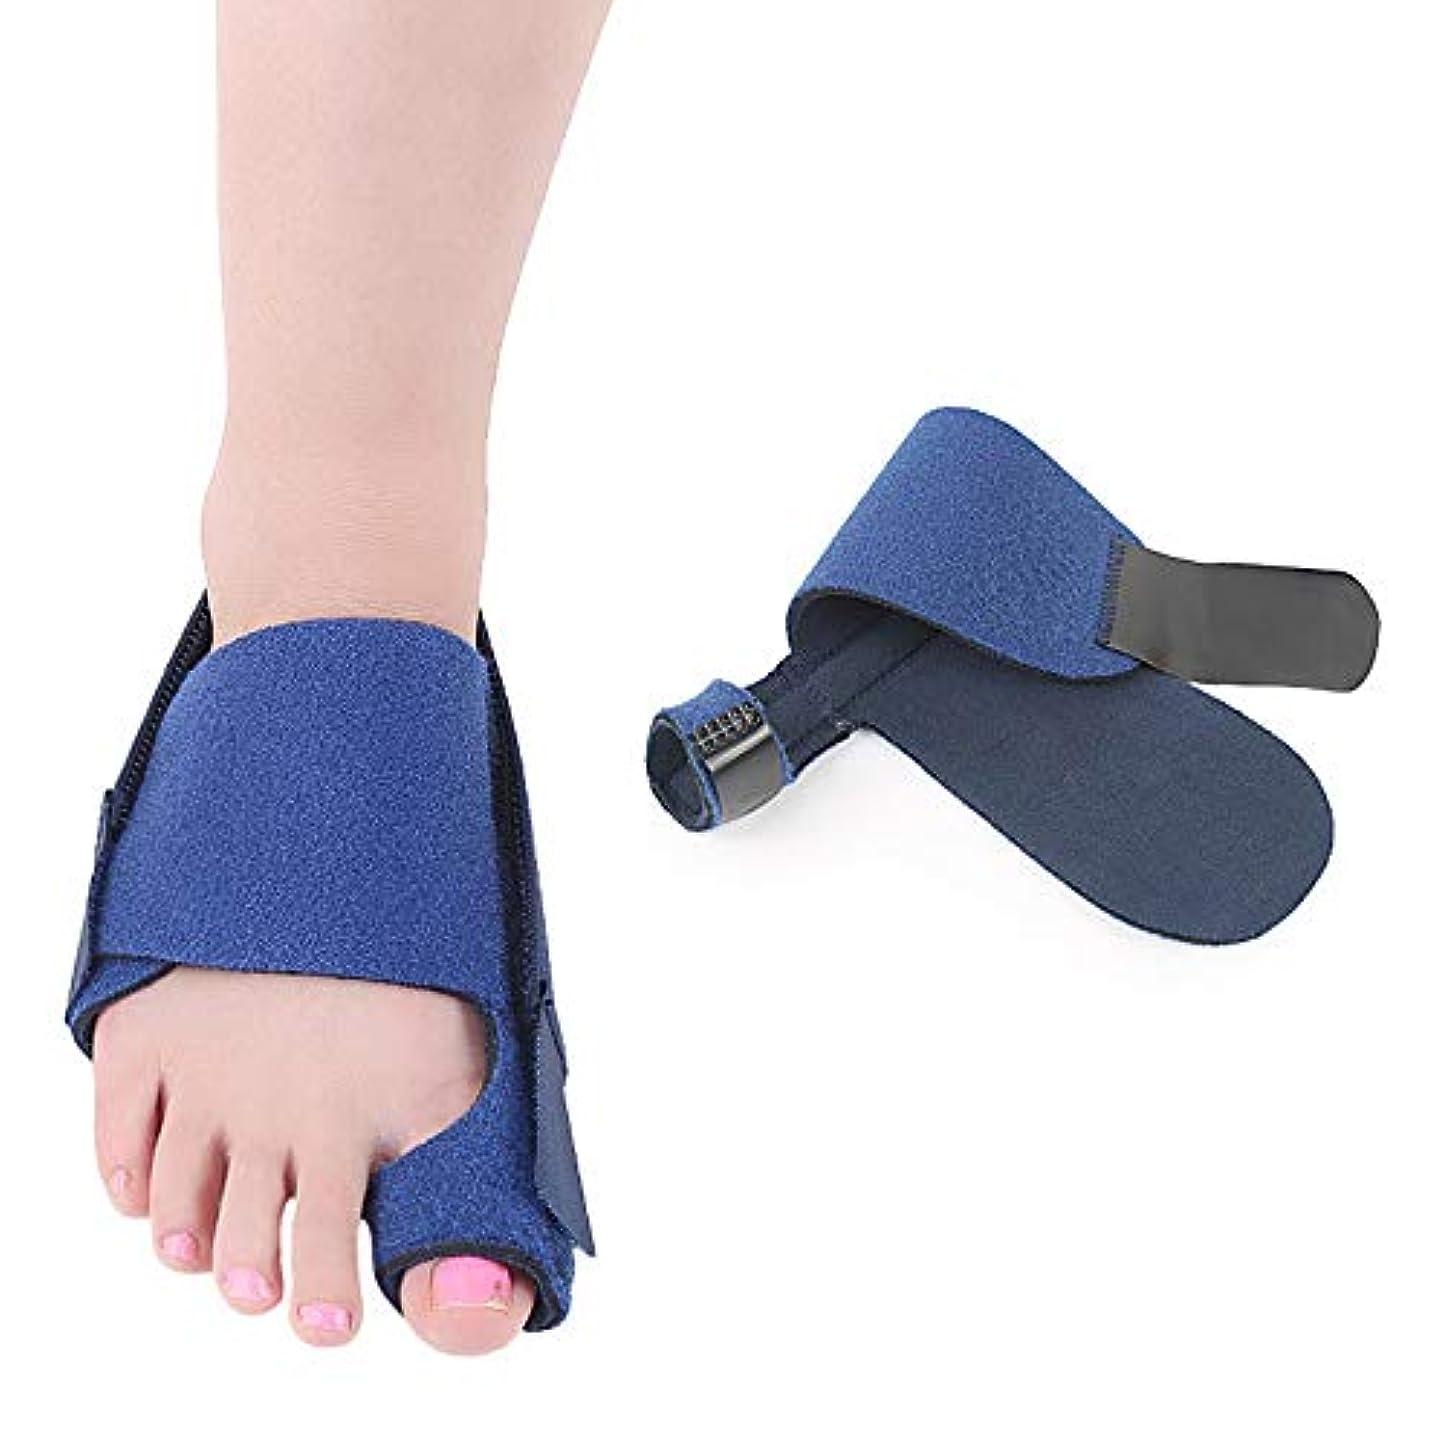 予測子繰り返した蓮外反母趾足指セパレーターは足指重複嚢胞通気性吸収汗ワンサイズを防止し、ヨガ後の痛みと変形を軽減,RightFoot